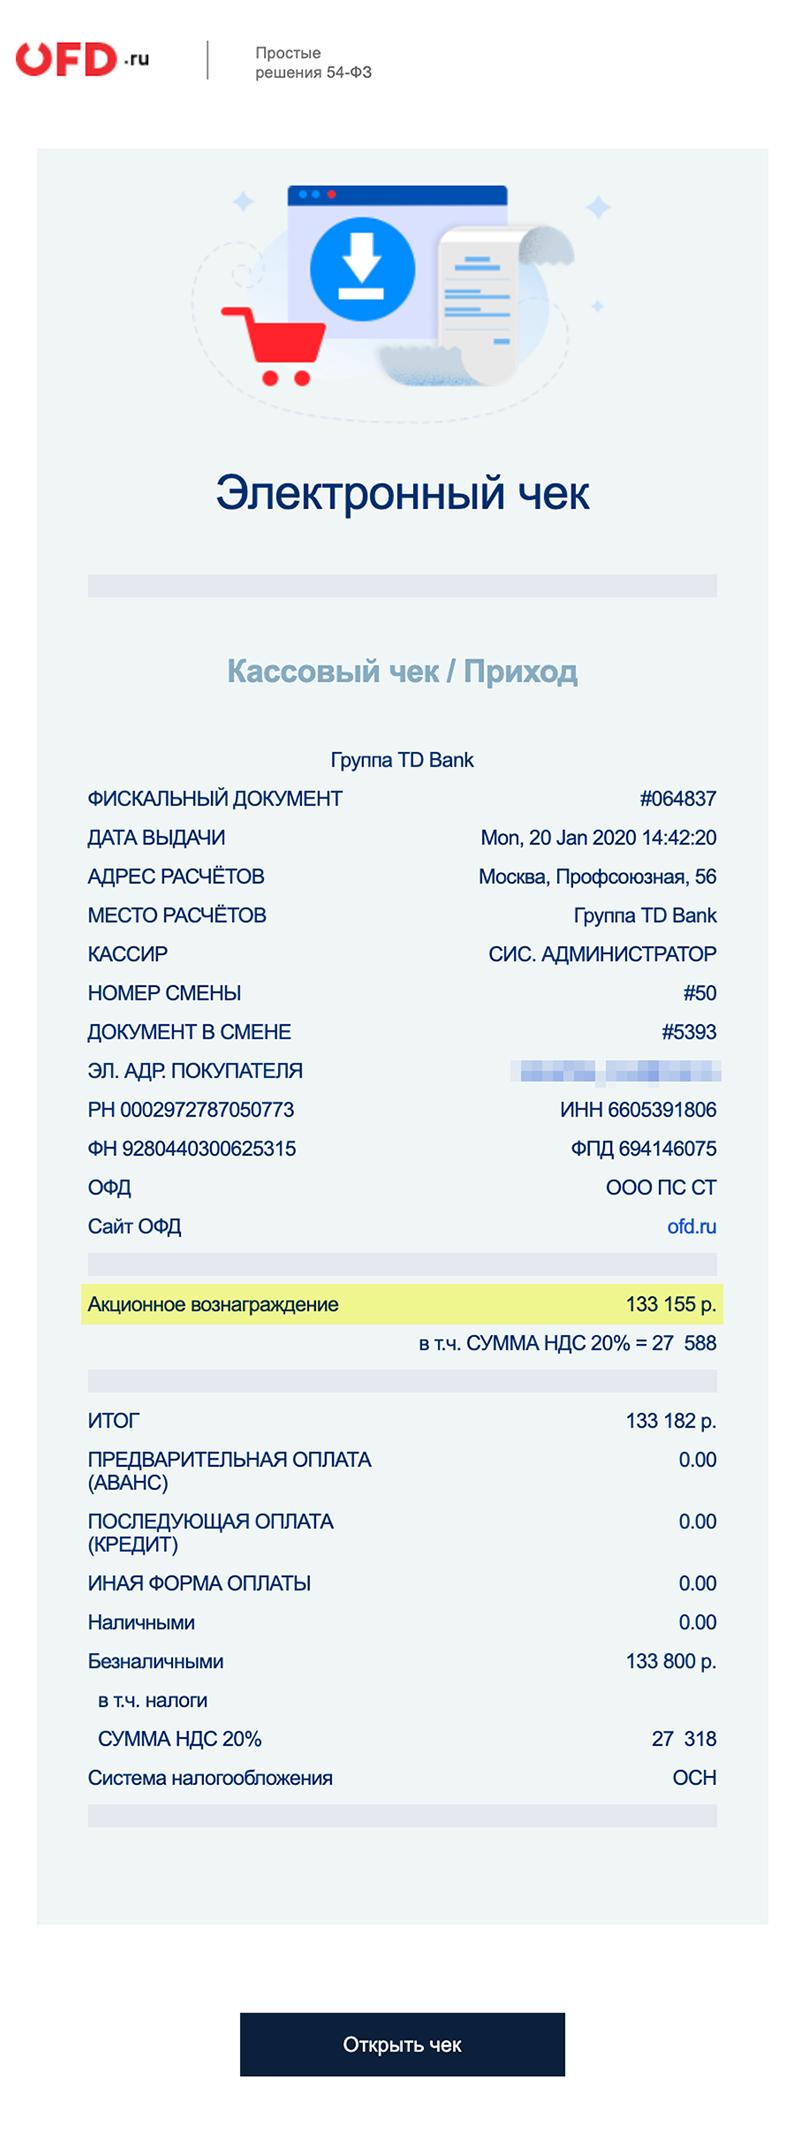 Фальшивый чек выглядит как настоящий. Но то, что 133 182<span class=ruble>Р</span> якобы выплатят покупателю в качестве акционного вознаграждения, должно насторожить